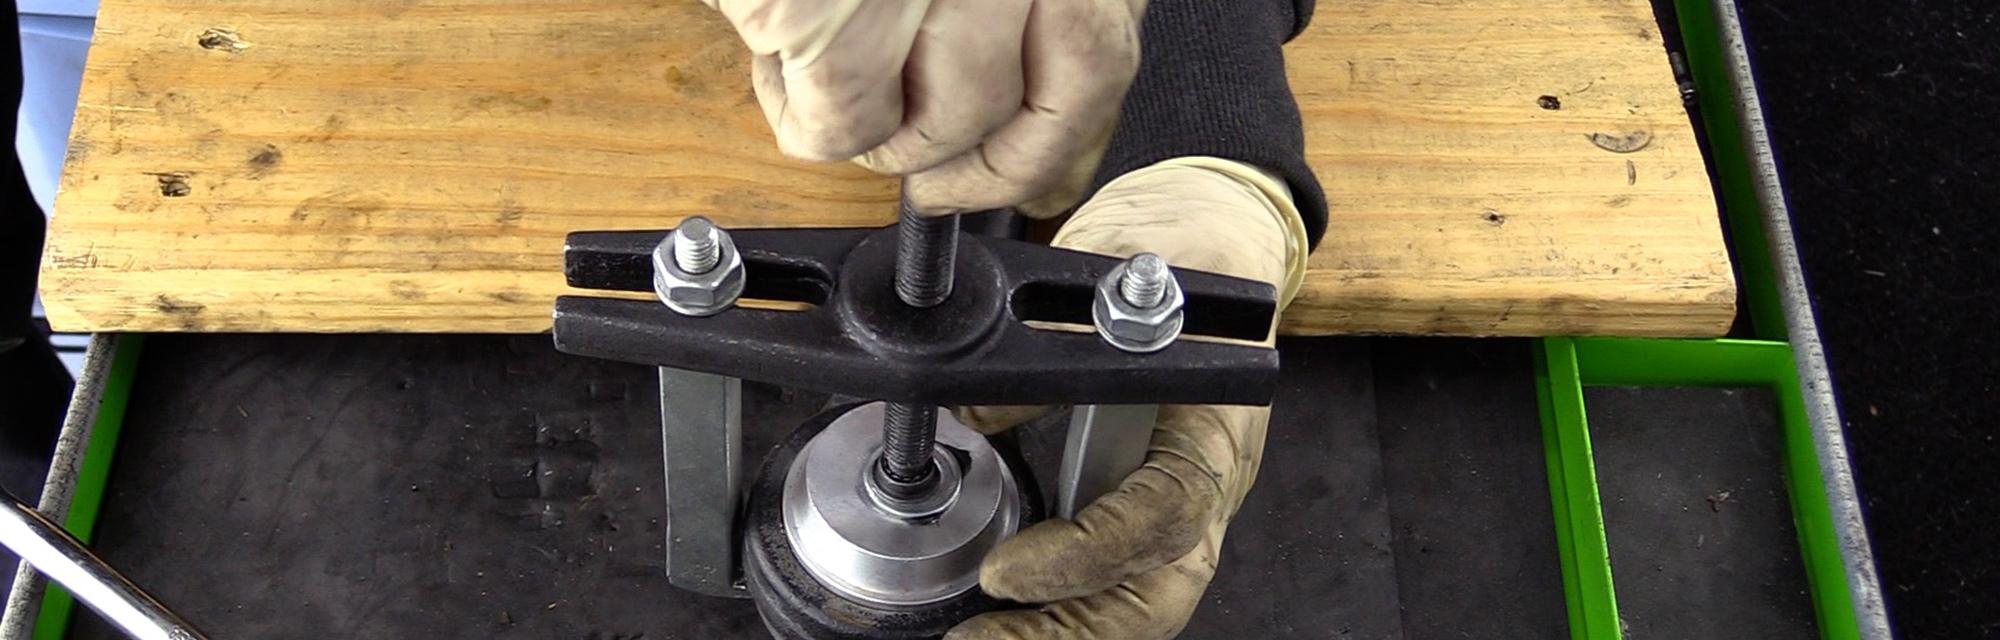 Mechanic inspecting a car part.